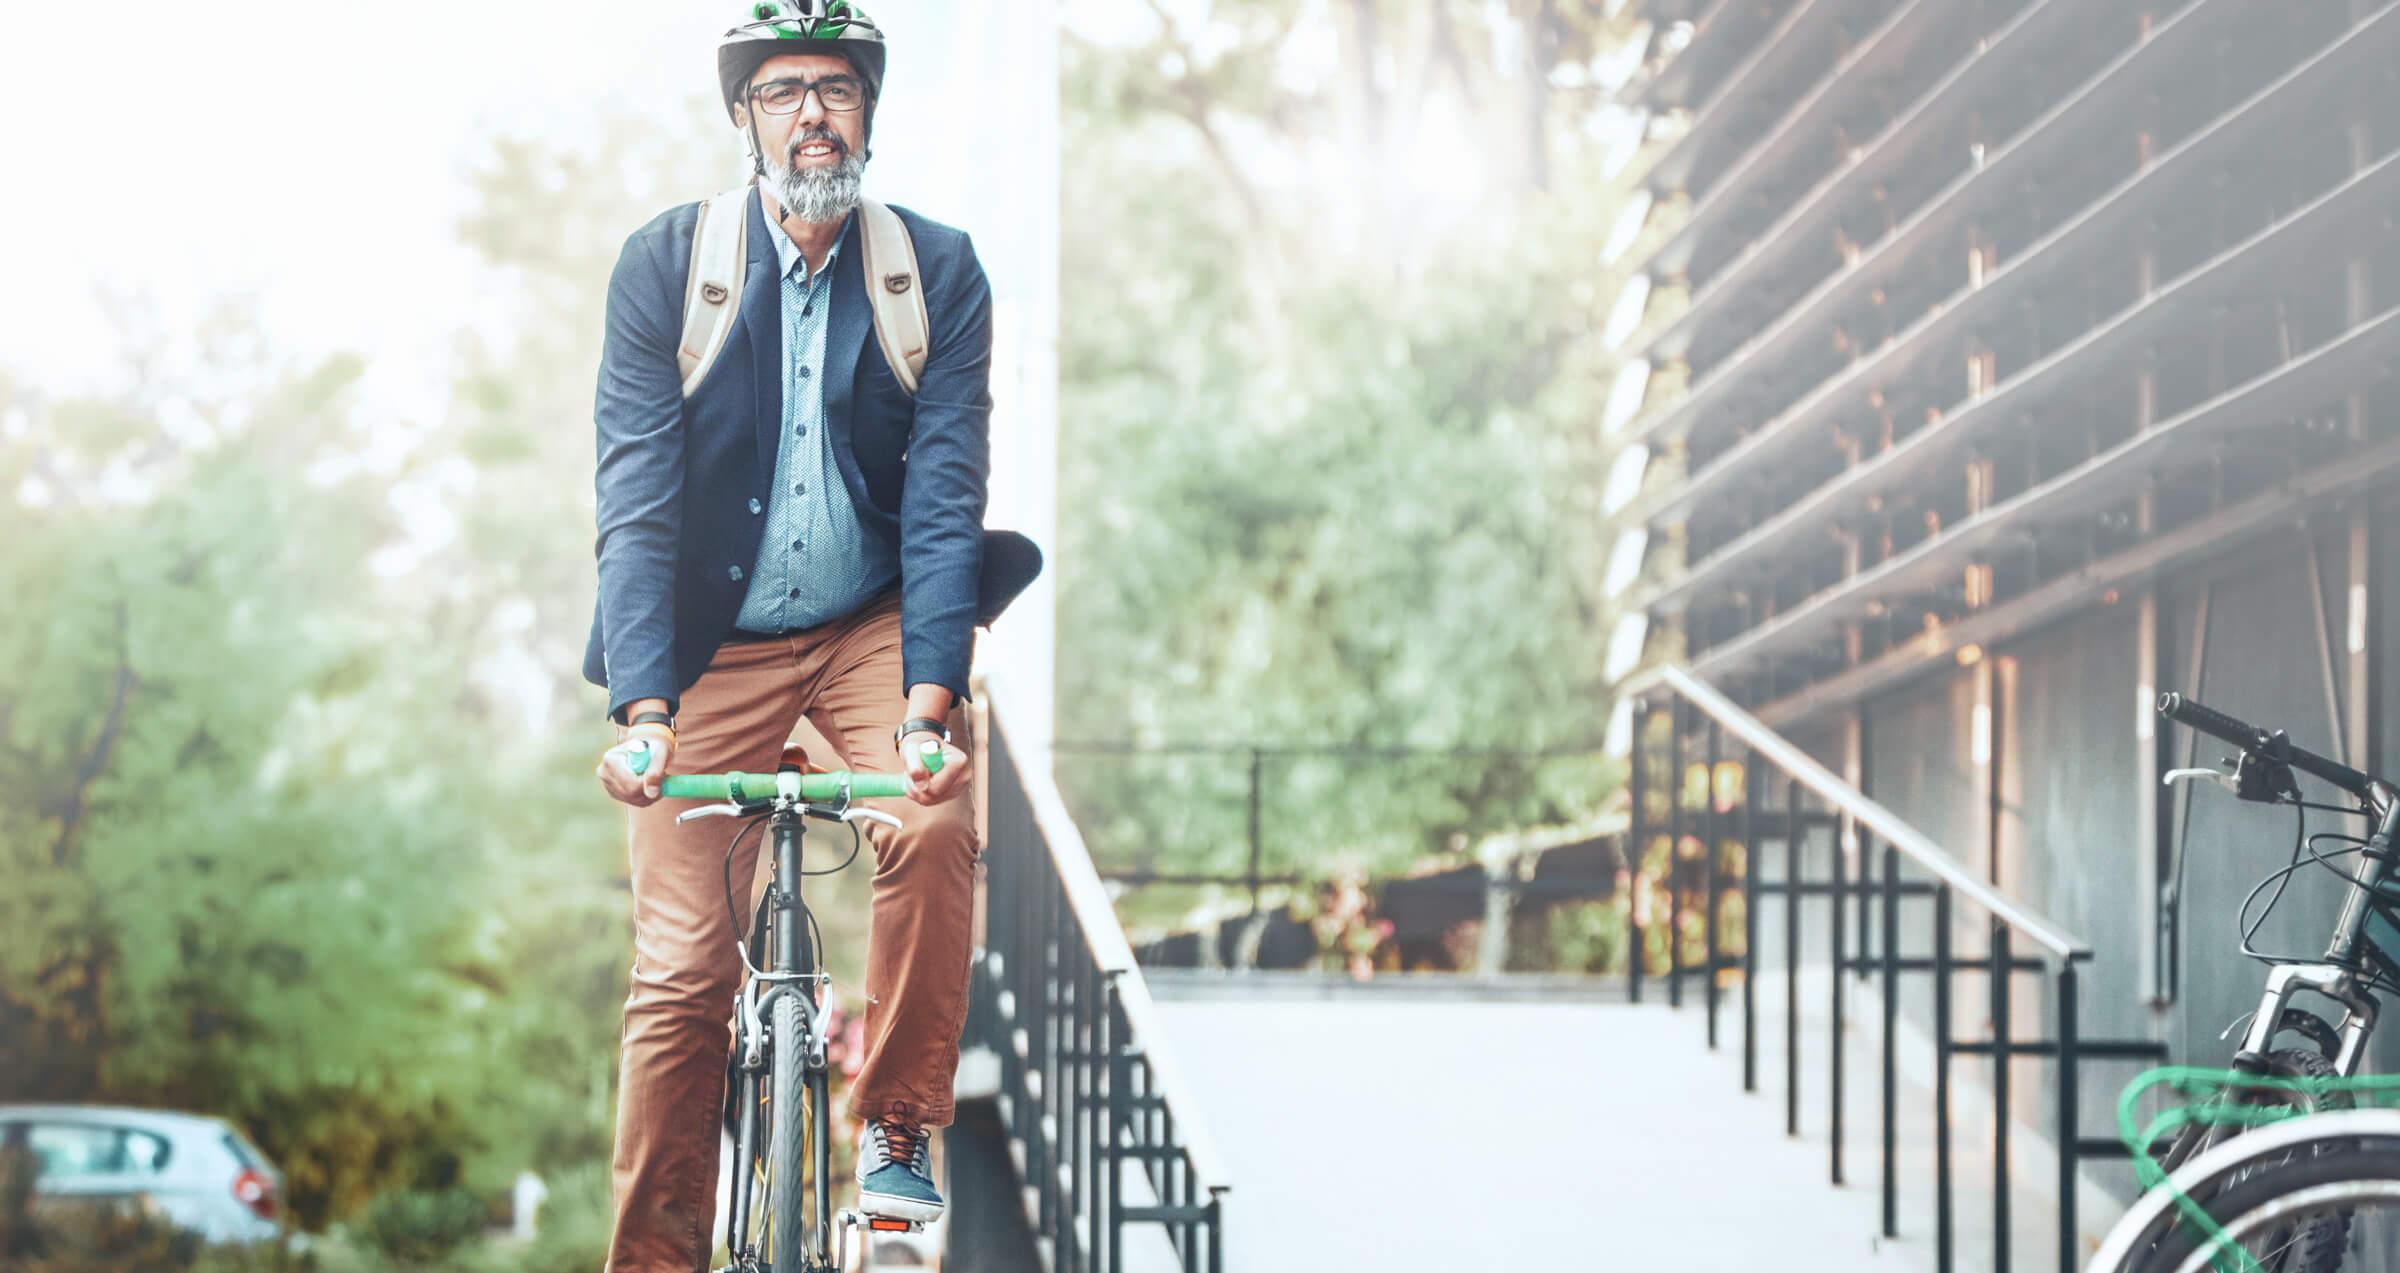 Spokojený klient LYNX užívající si volného času na kole a výhod investičního účtu